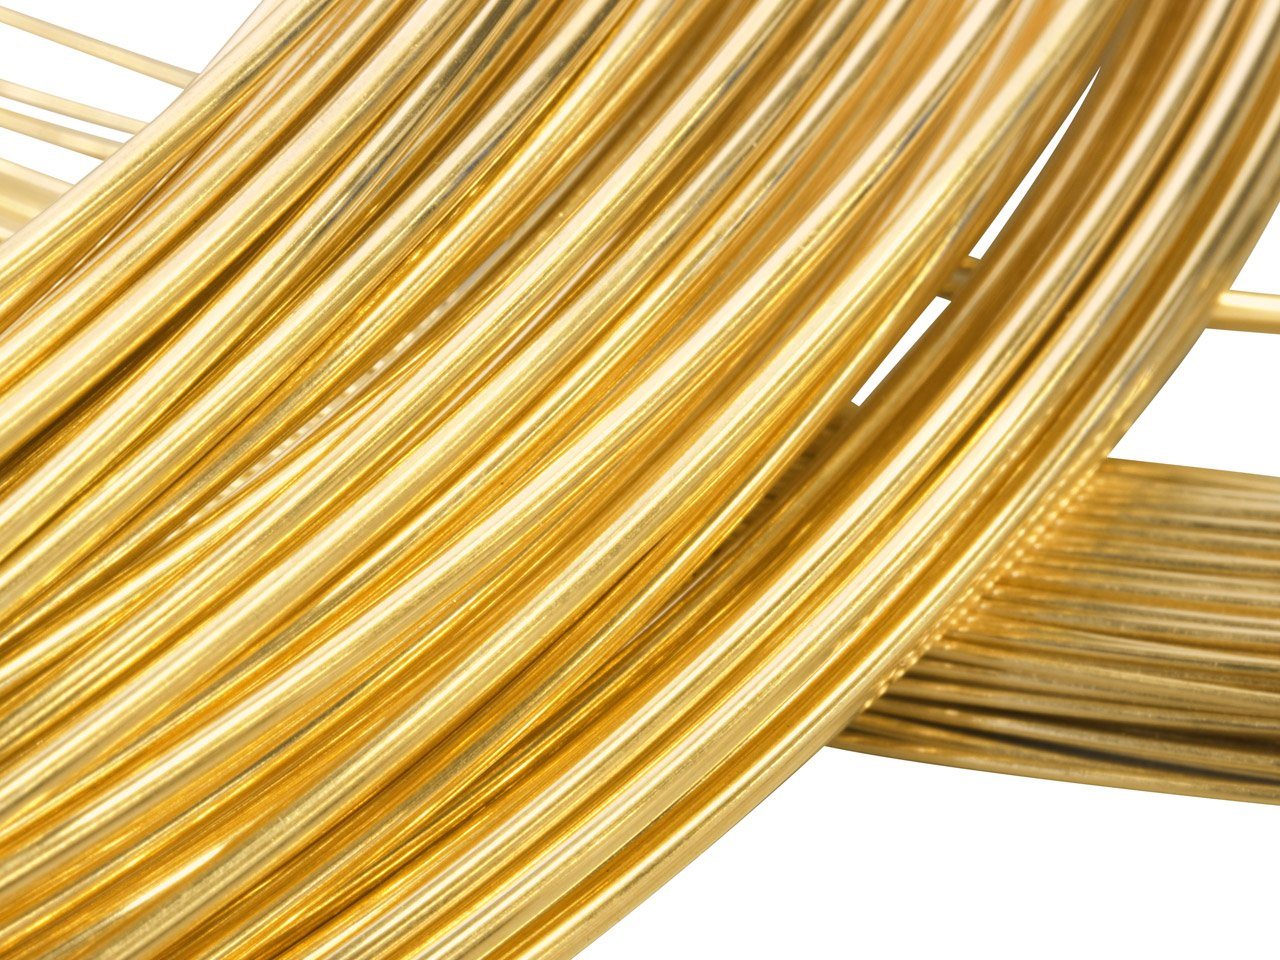 Solid 14 K Yellow Gold, Round Wire, 26 Gauge, 1 foot, half hatd